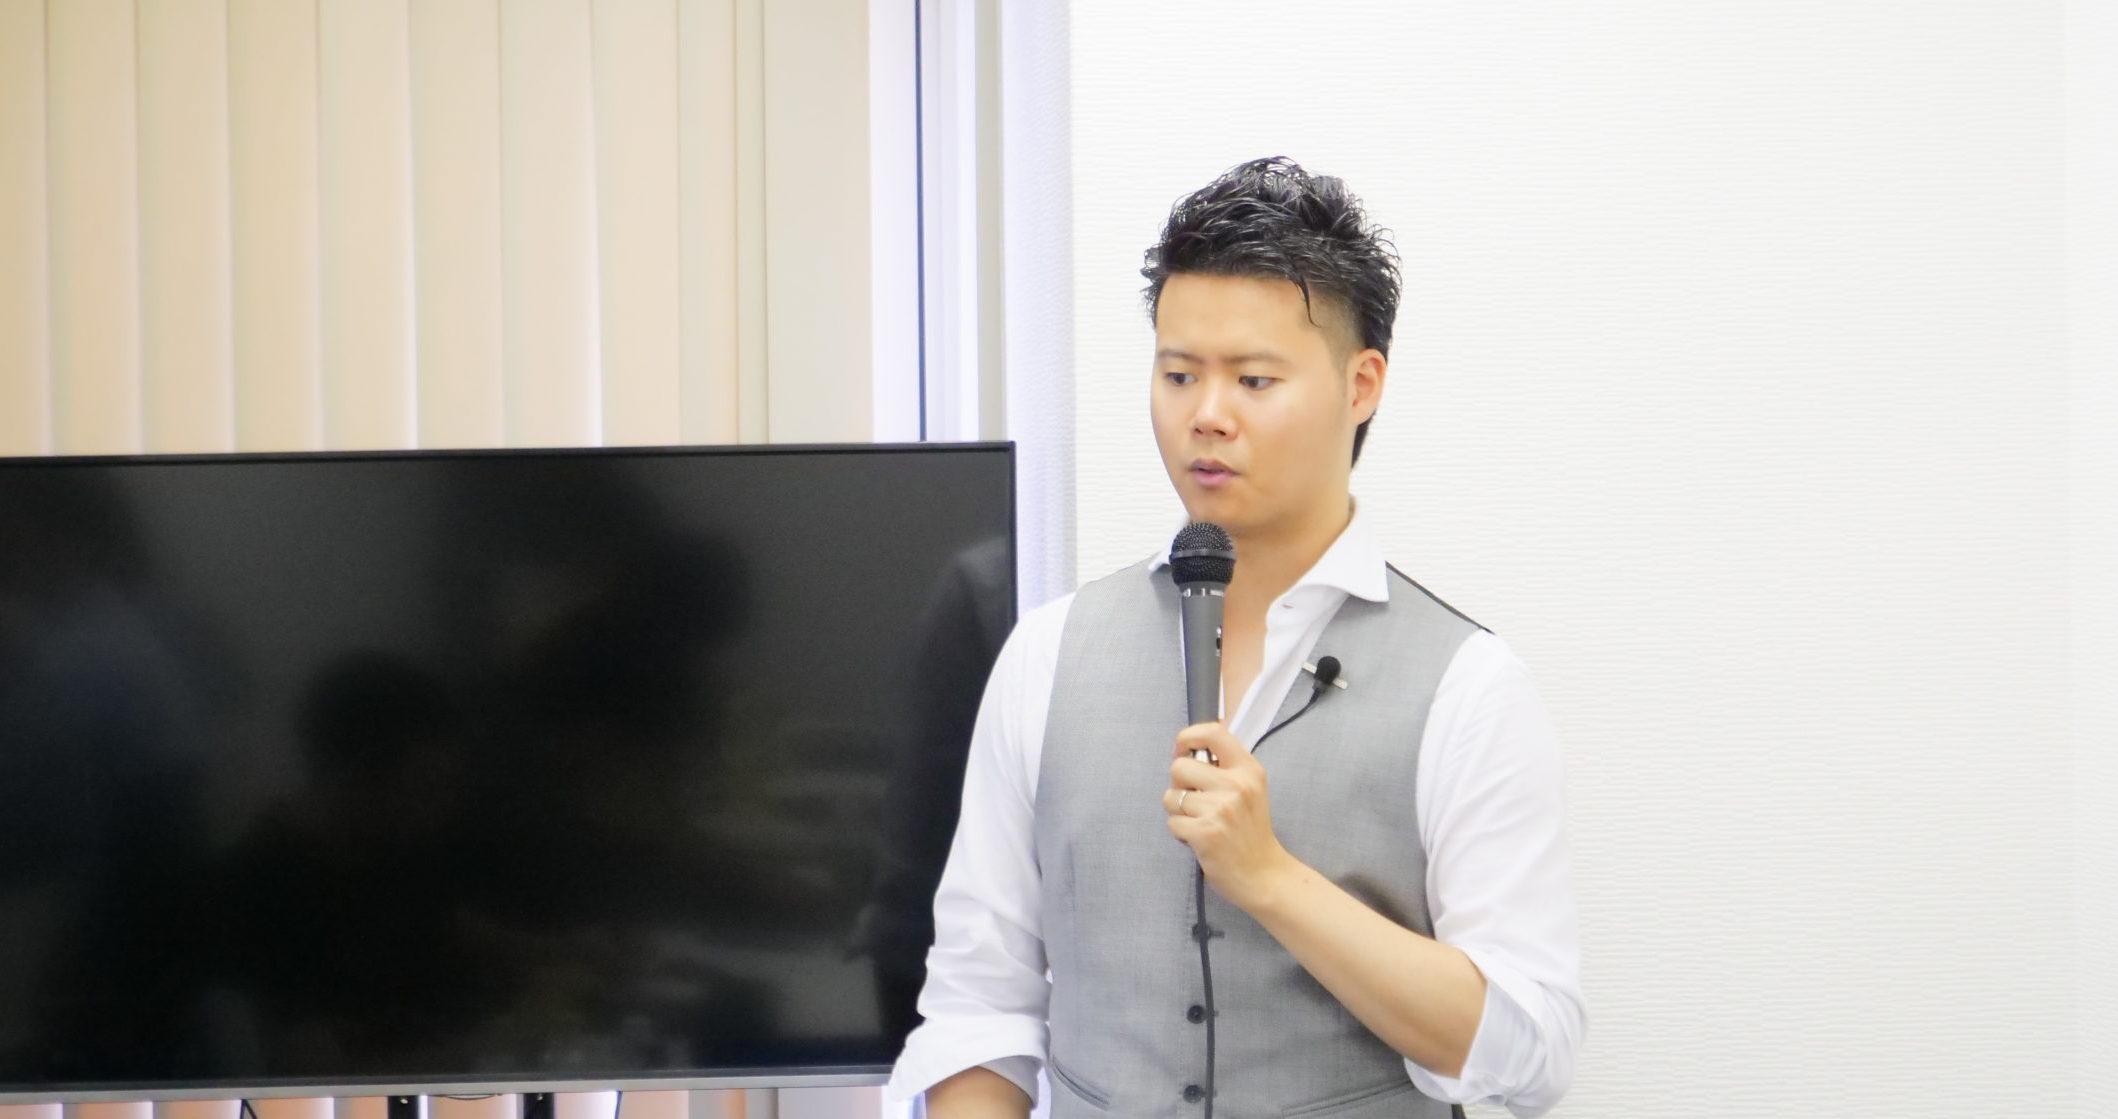 中国輸入OEM・ODMプライベートブランド販売に関するZOOMオンラインセミナーのご案内:講師「寺田正信」